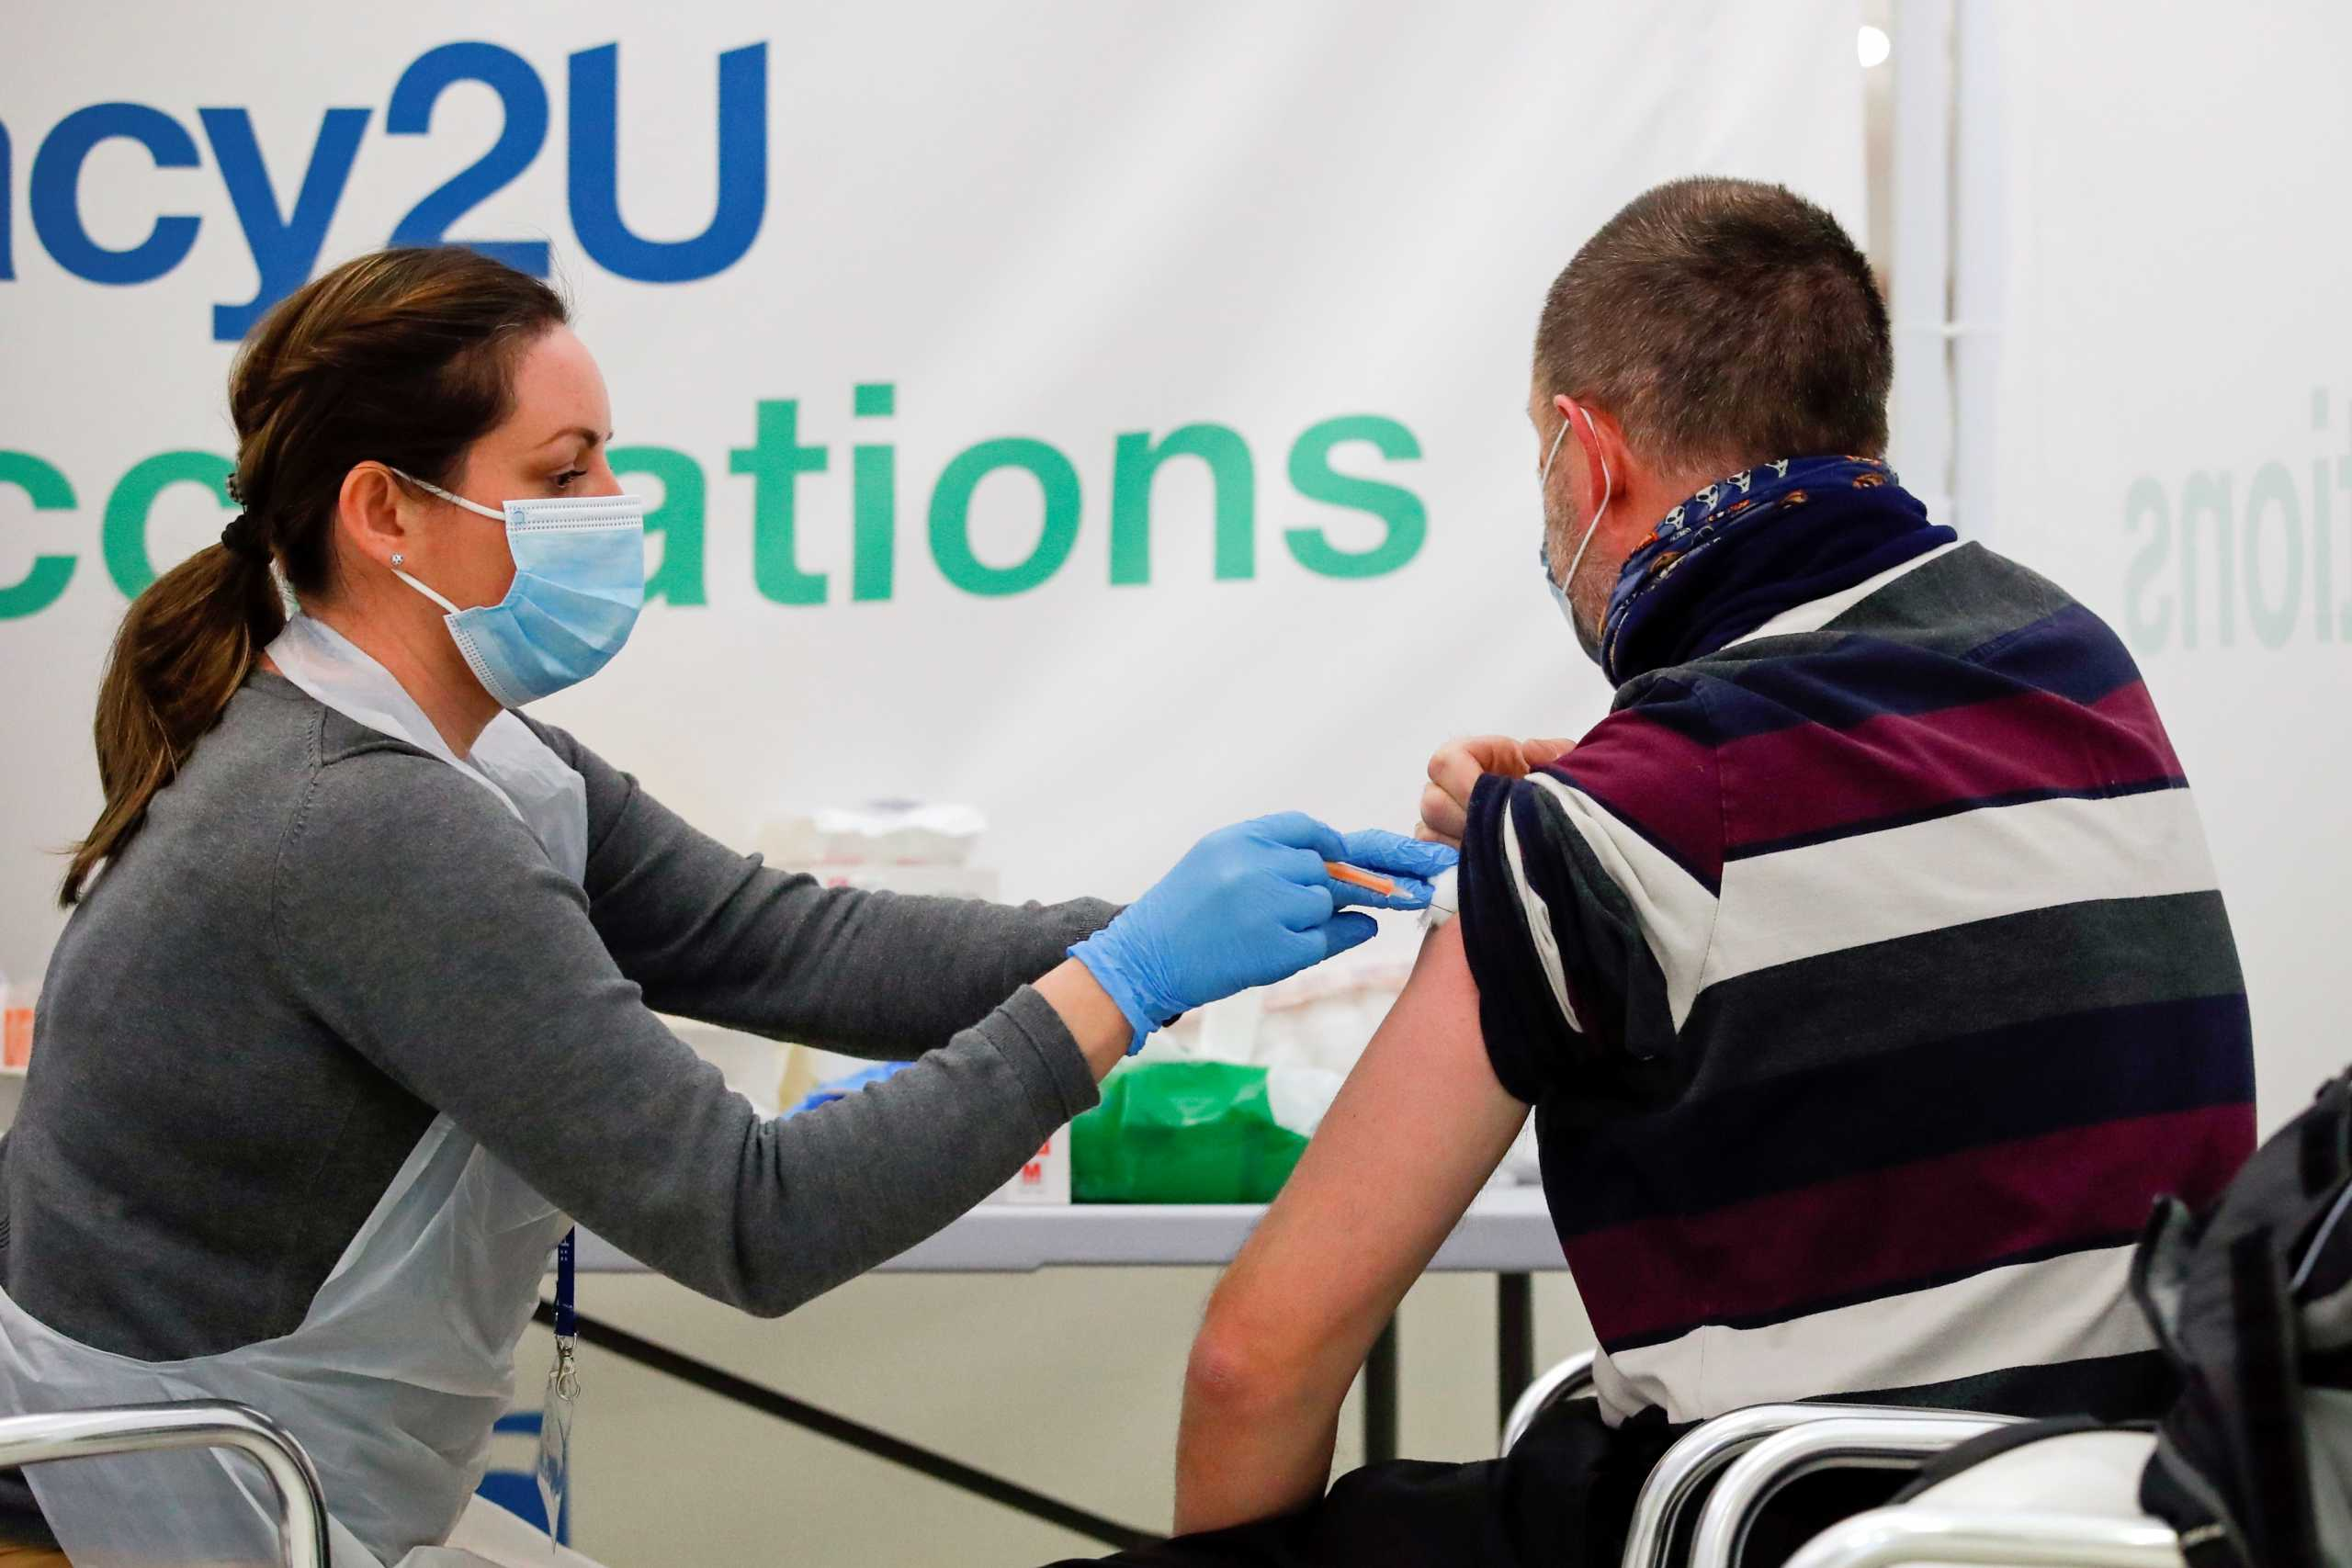 Κορονοϊός: Η Βρετανία δεν «μοιράζεται» τα παραπάνω εμβόλια της ούτε με την Ιρλανδία!